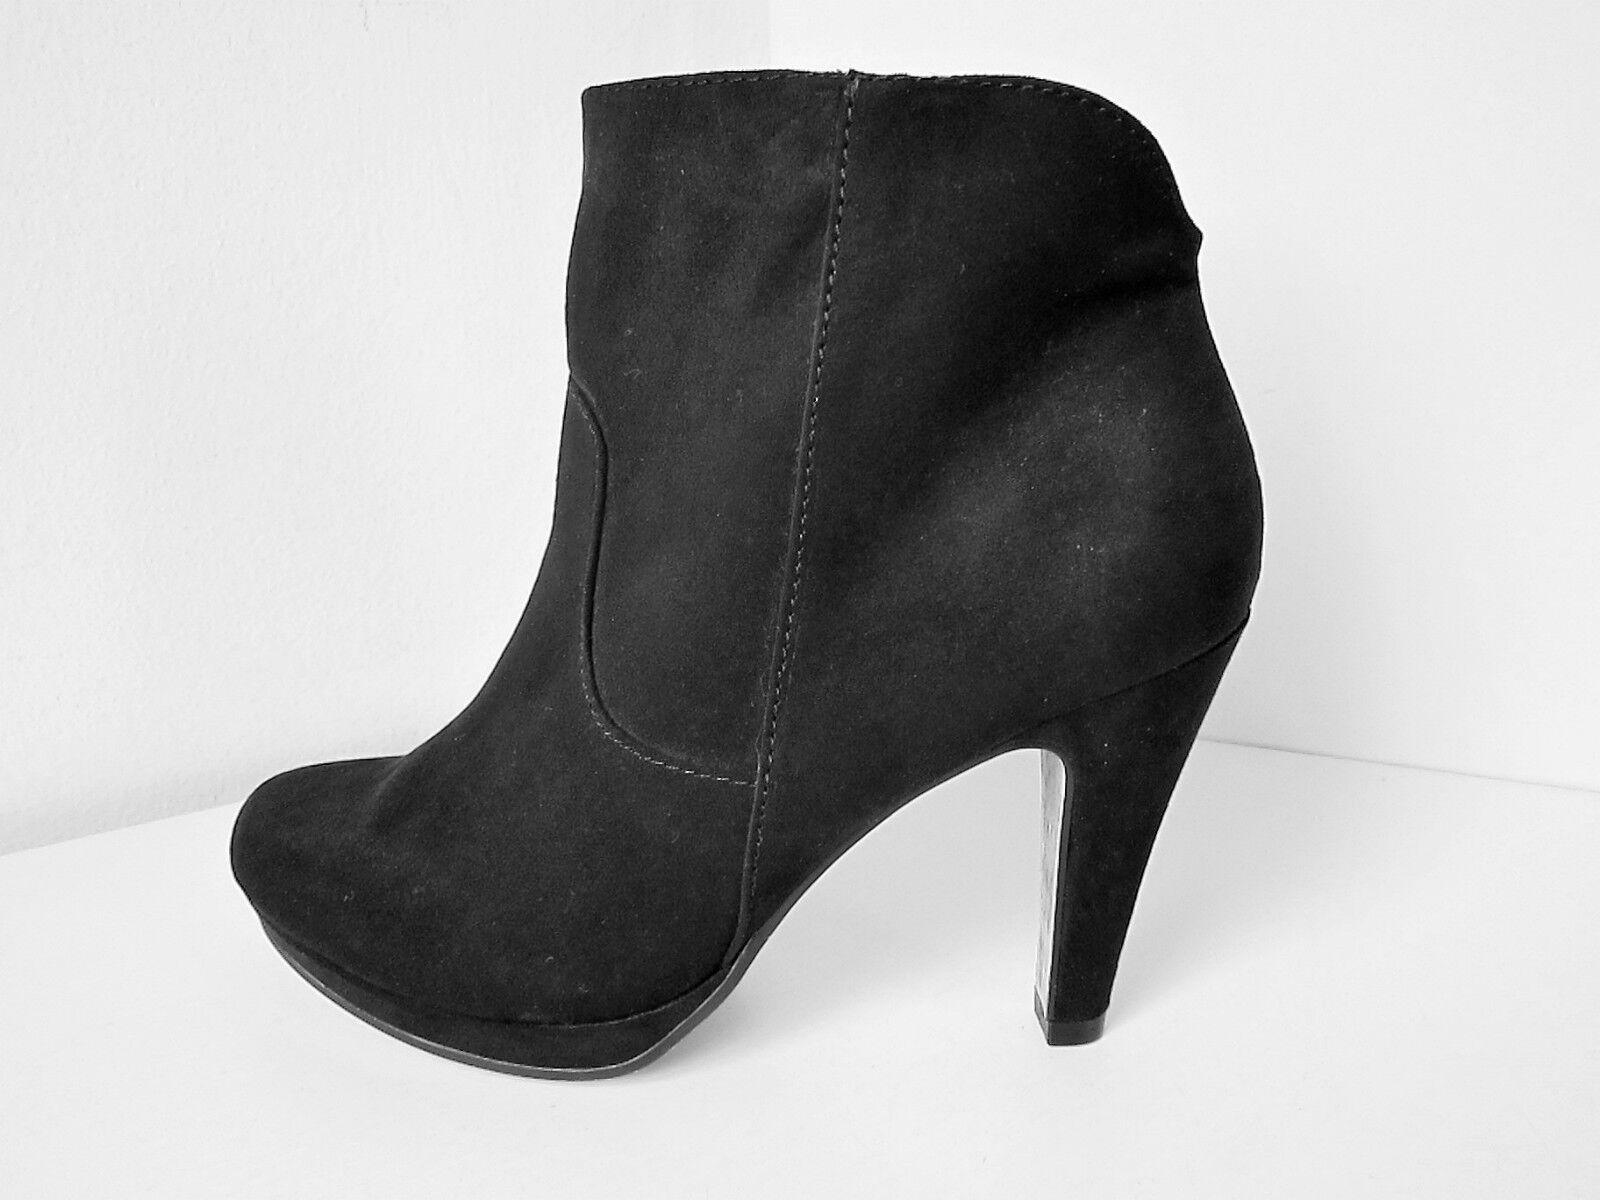 Tamaris Velour Plateau Stiefellette schwarz 36 - - 36 41 Stiefel Platform Stiefel high a81b11